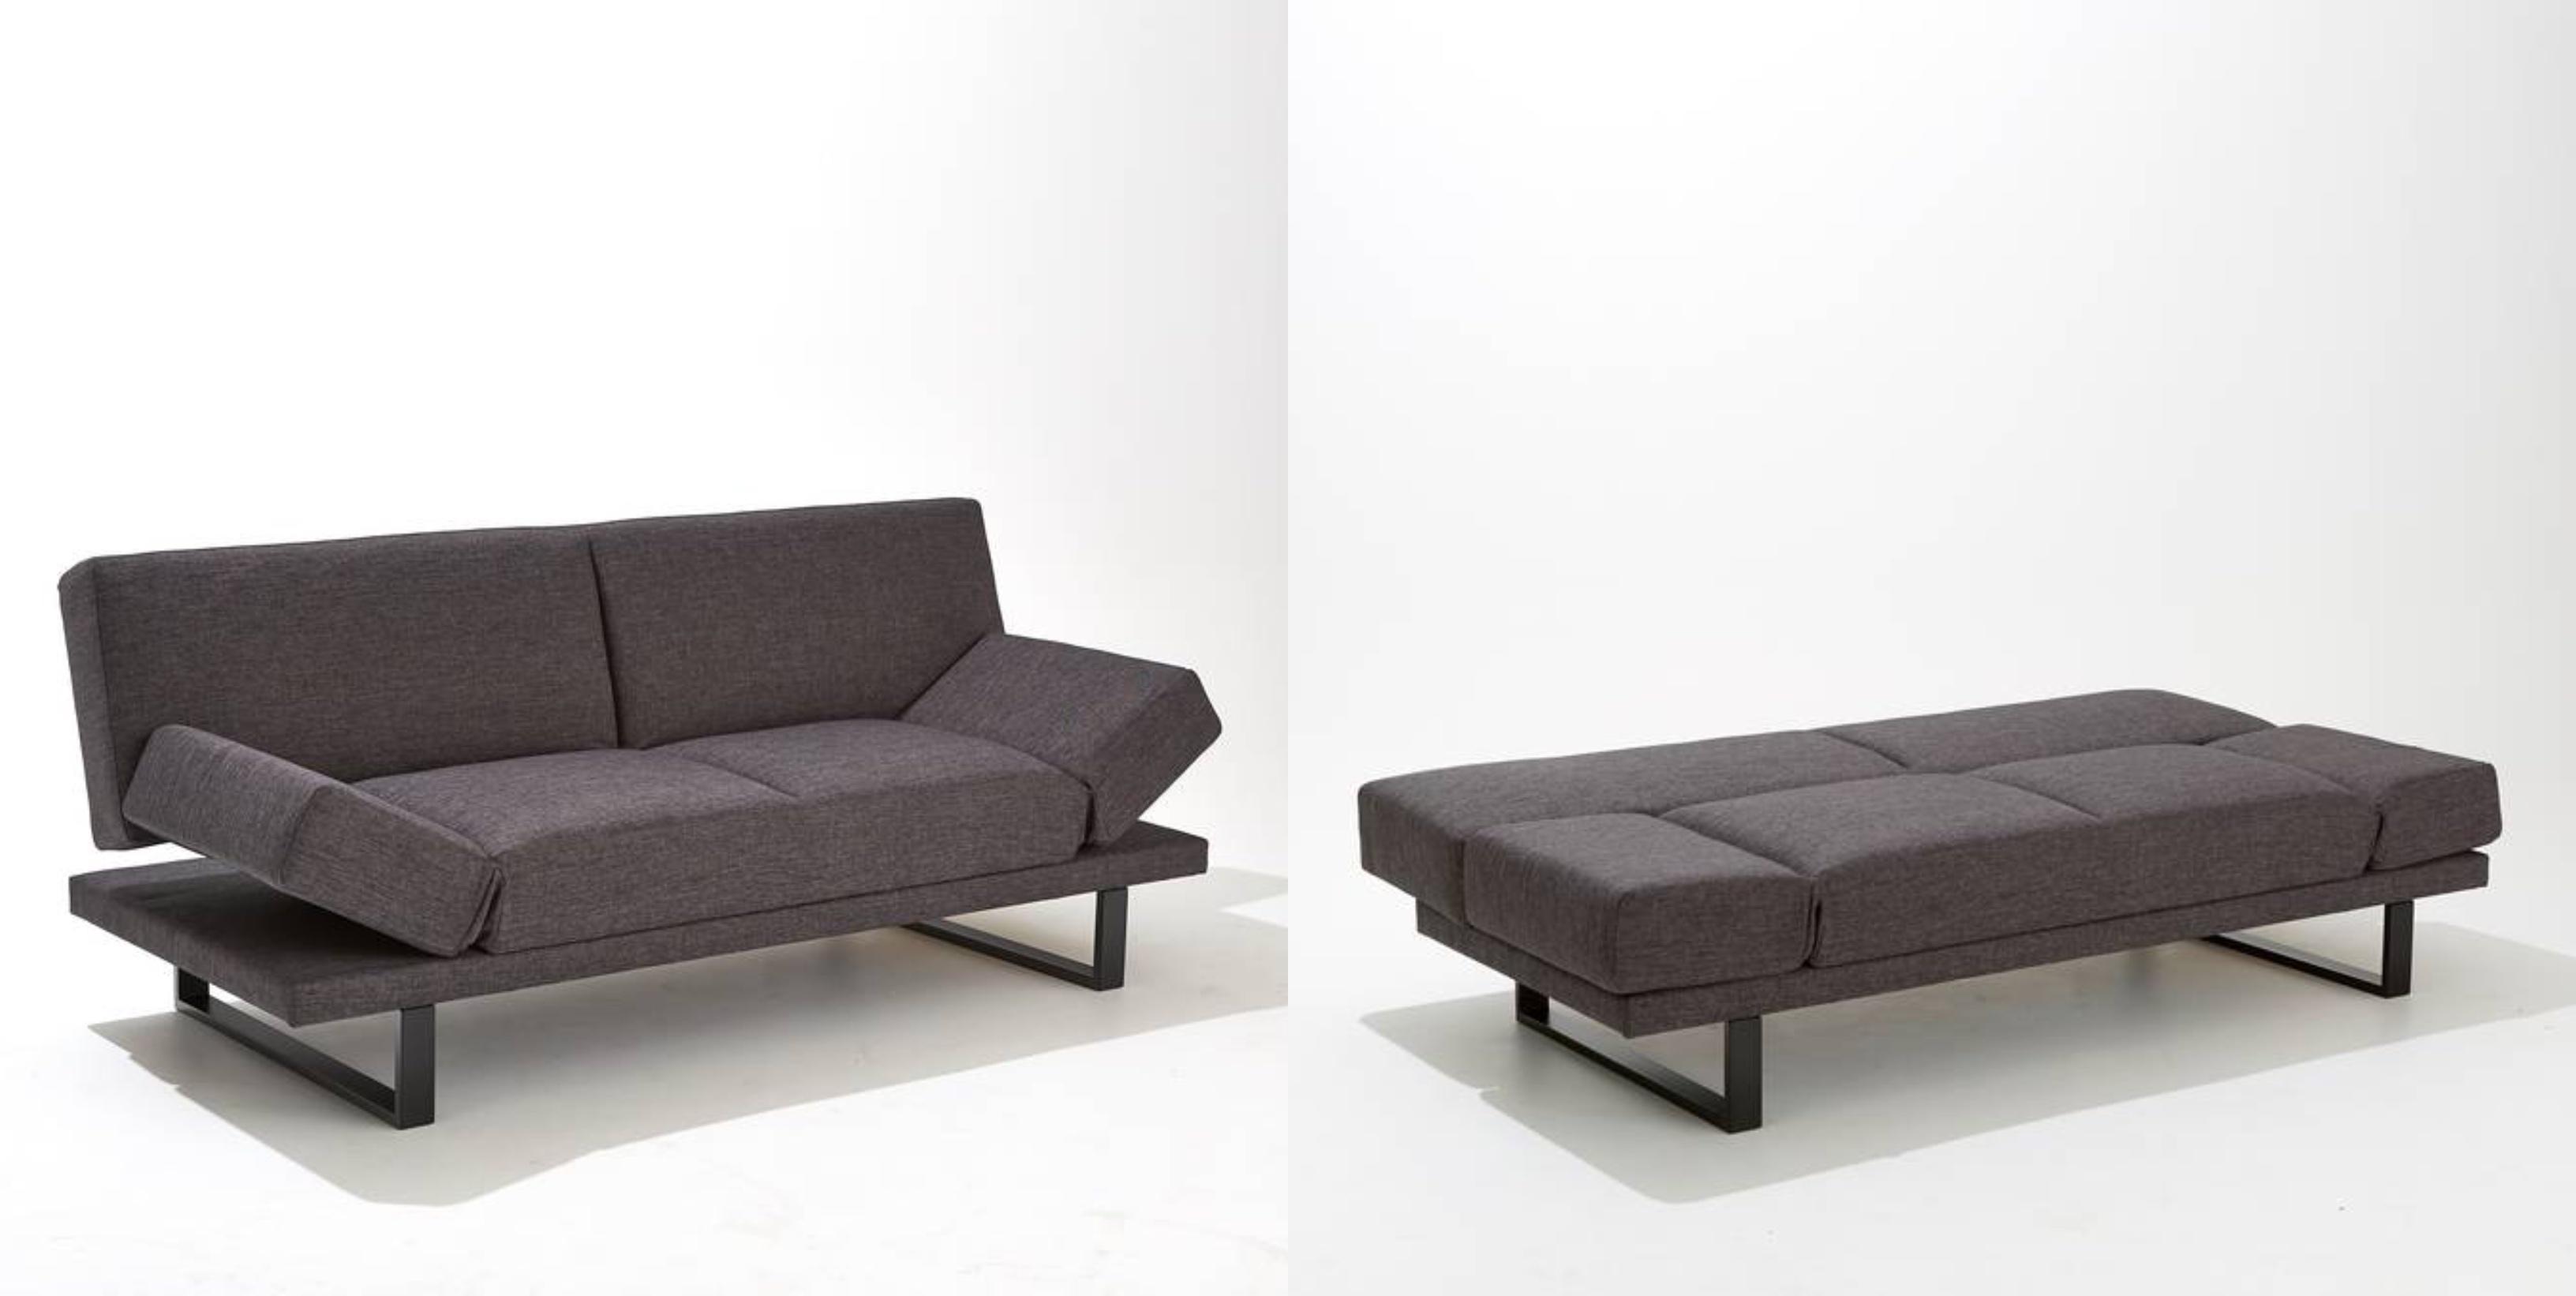 Sofá cama tejido texturizado 3 plazas, New Vermont